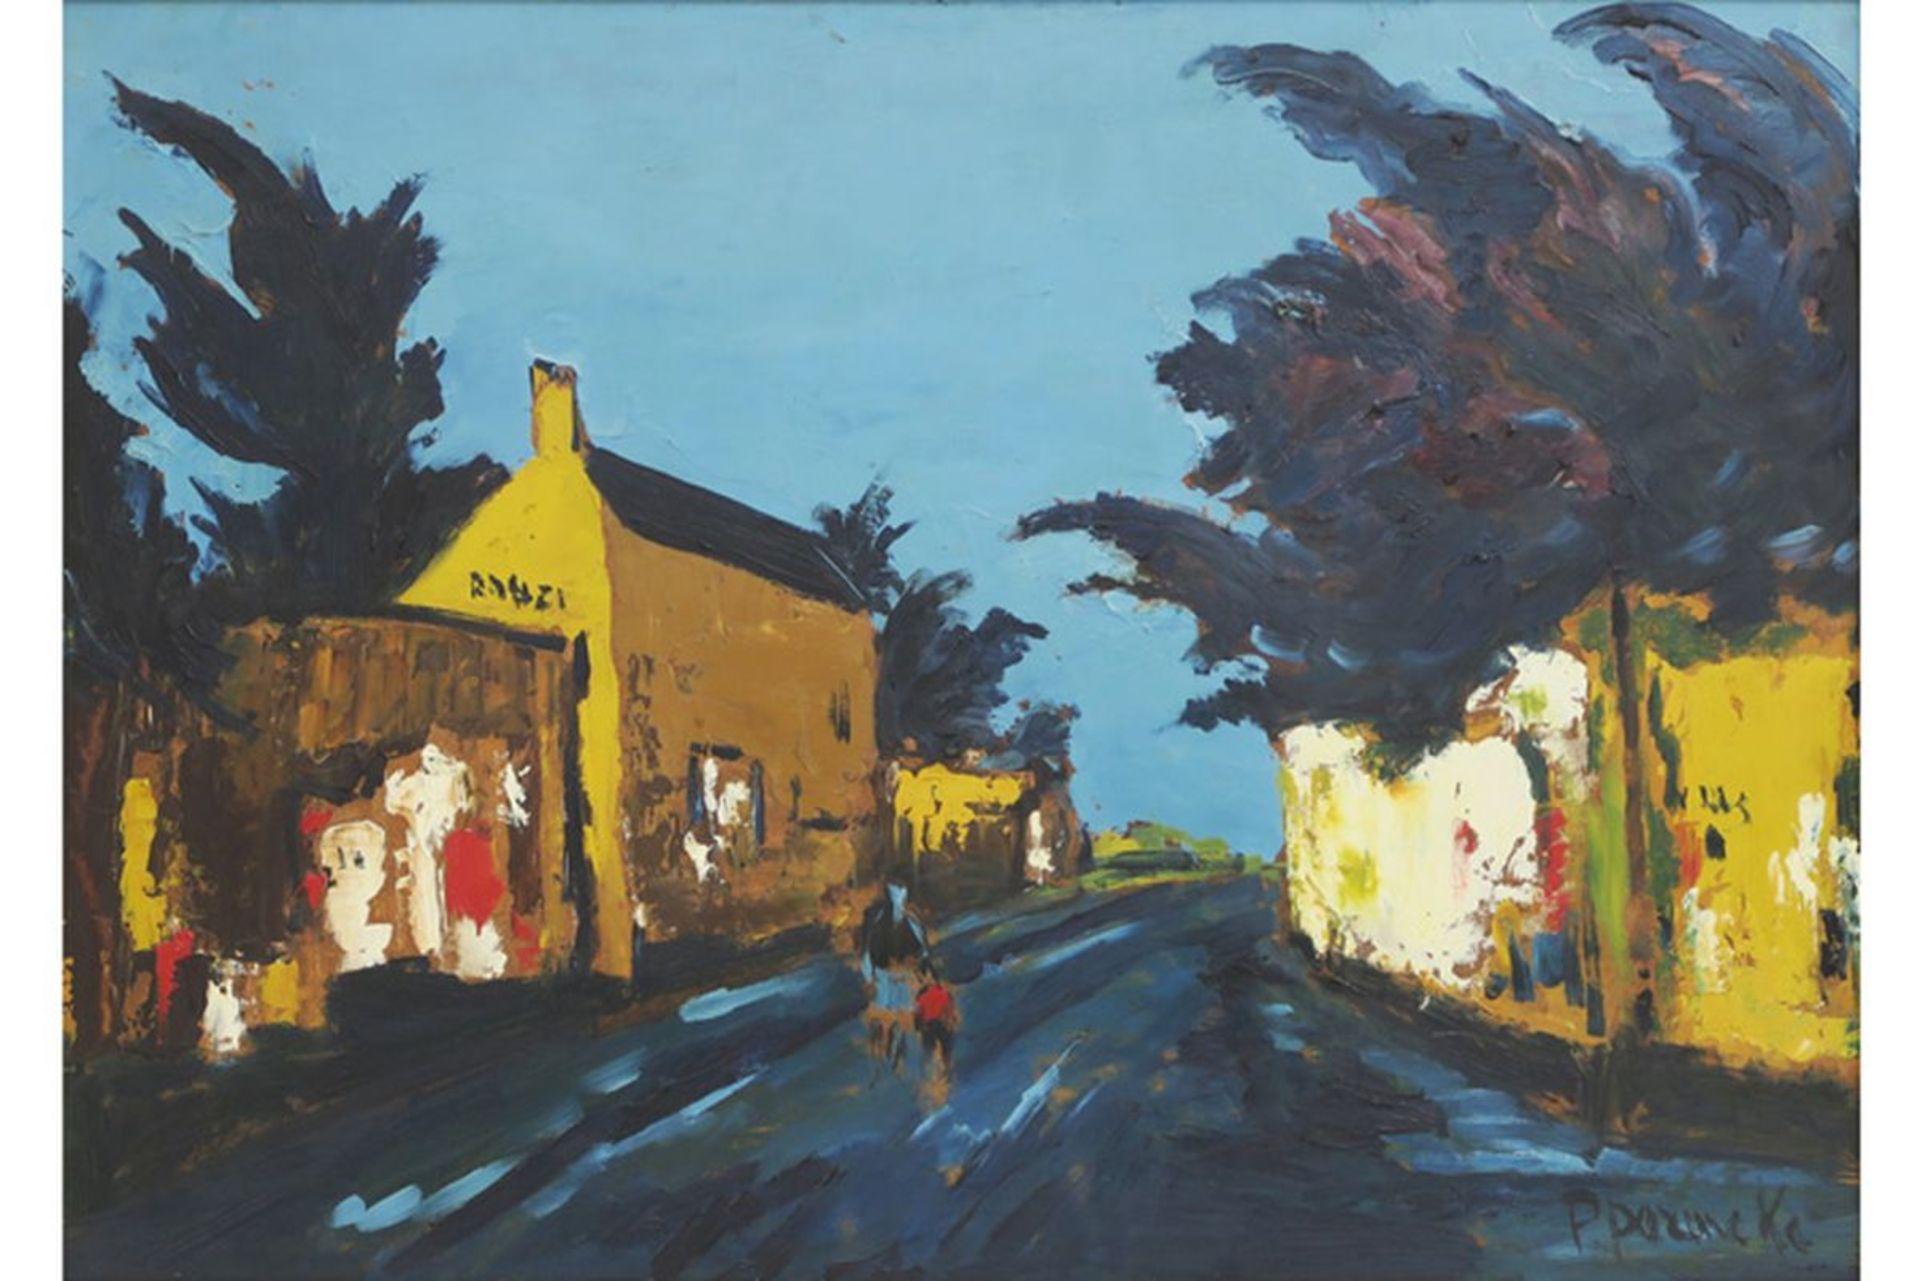 """Los 654 - PERMEKE PAUL (1918 - 1990) olieverfschilderij op paneel : """"Geanimeerd straatzicht"""" - [...]"""